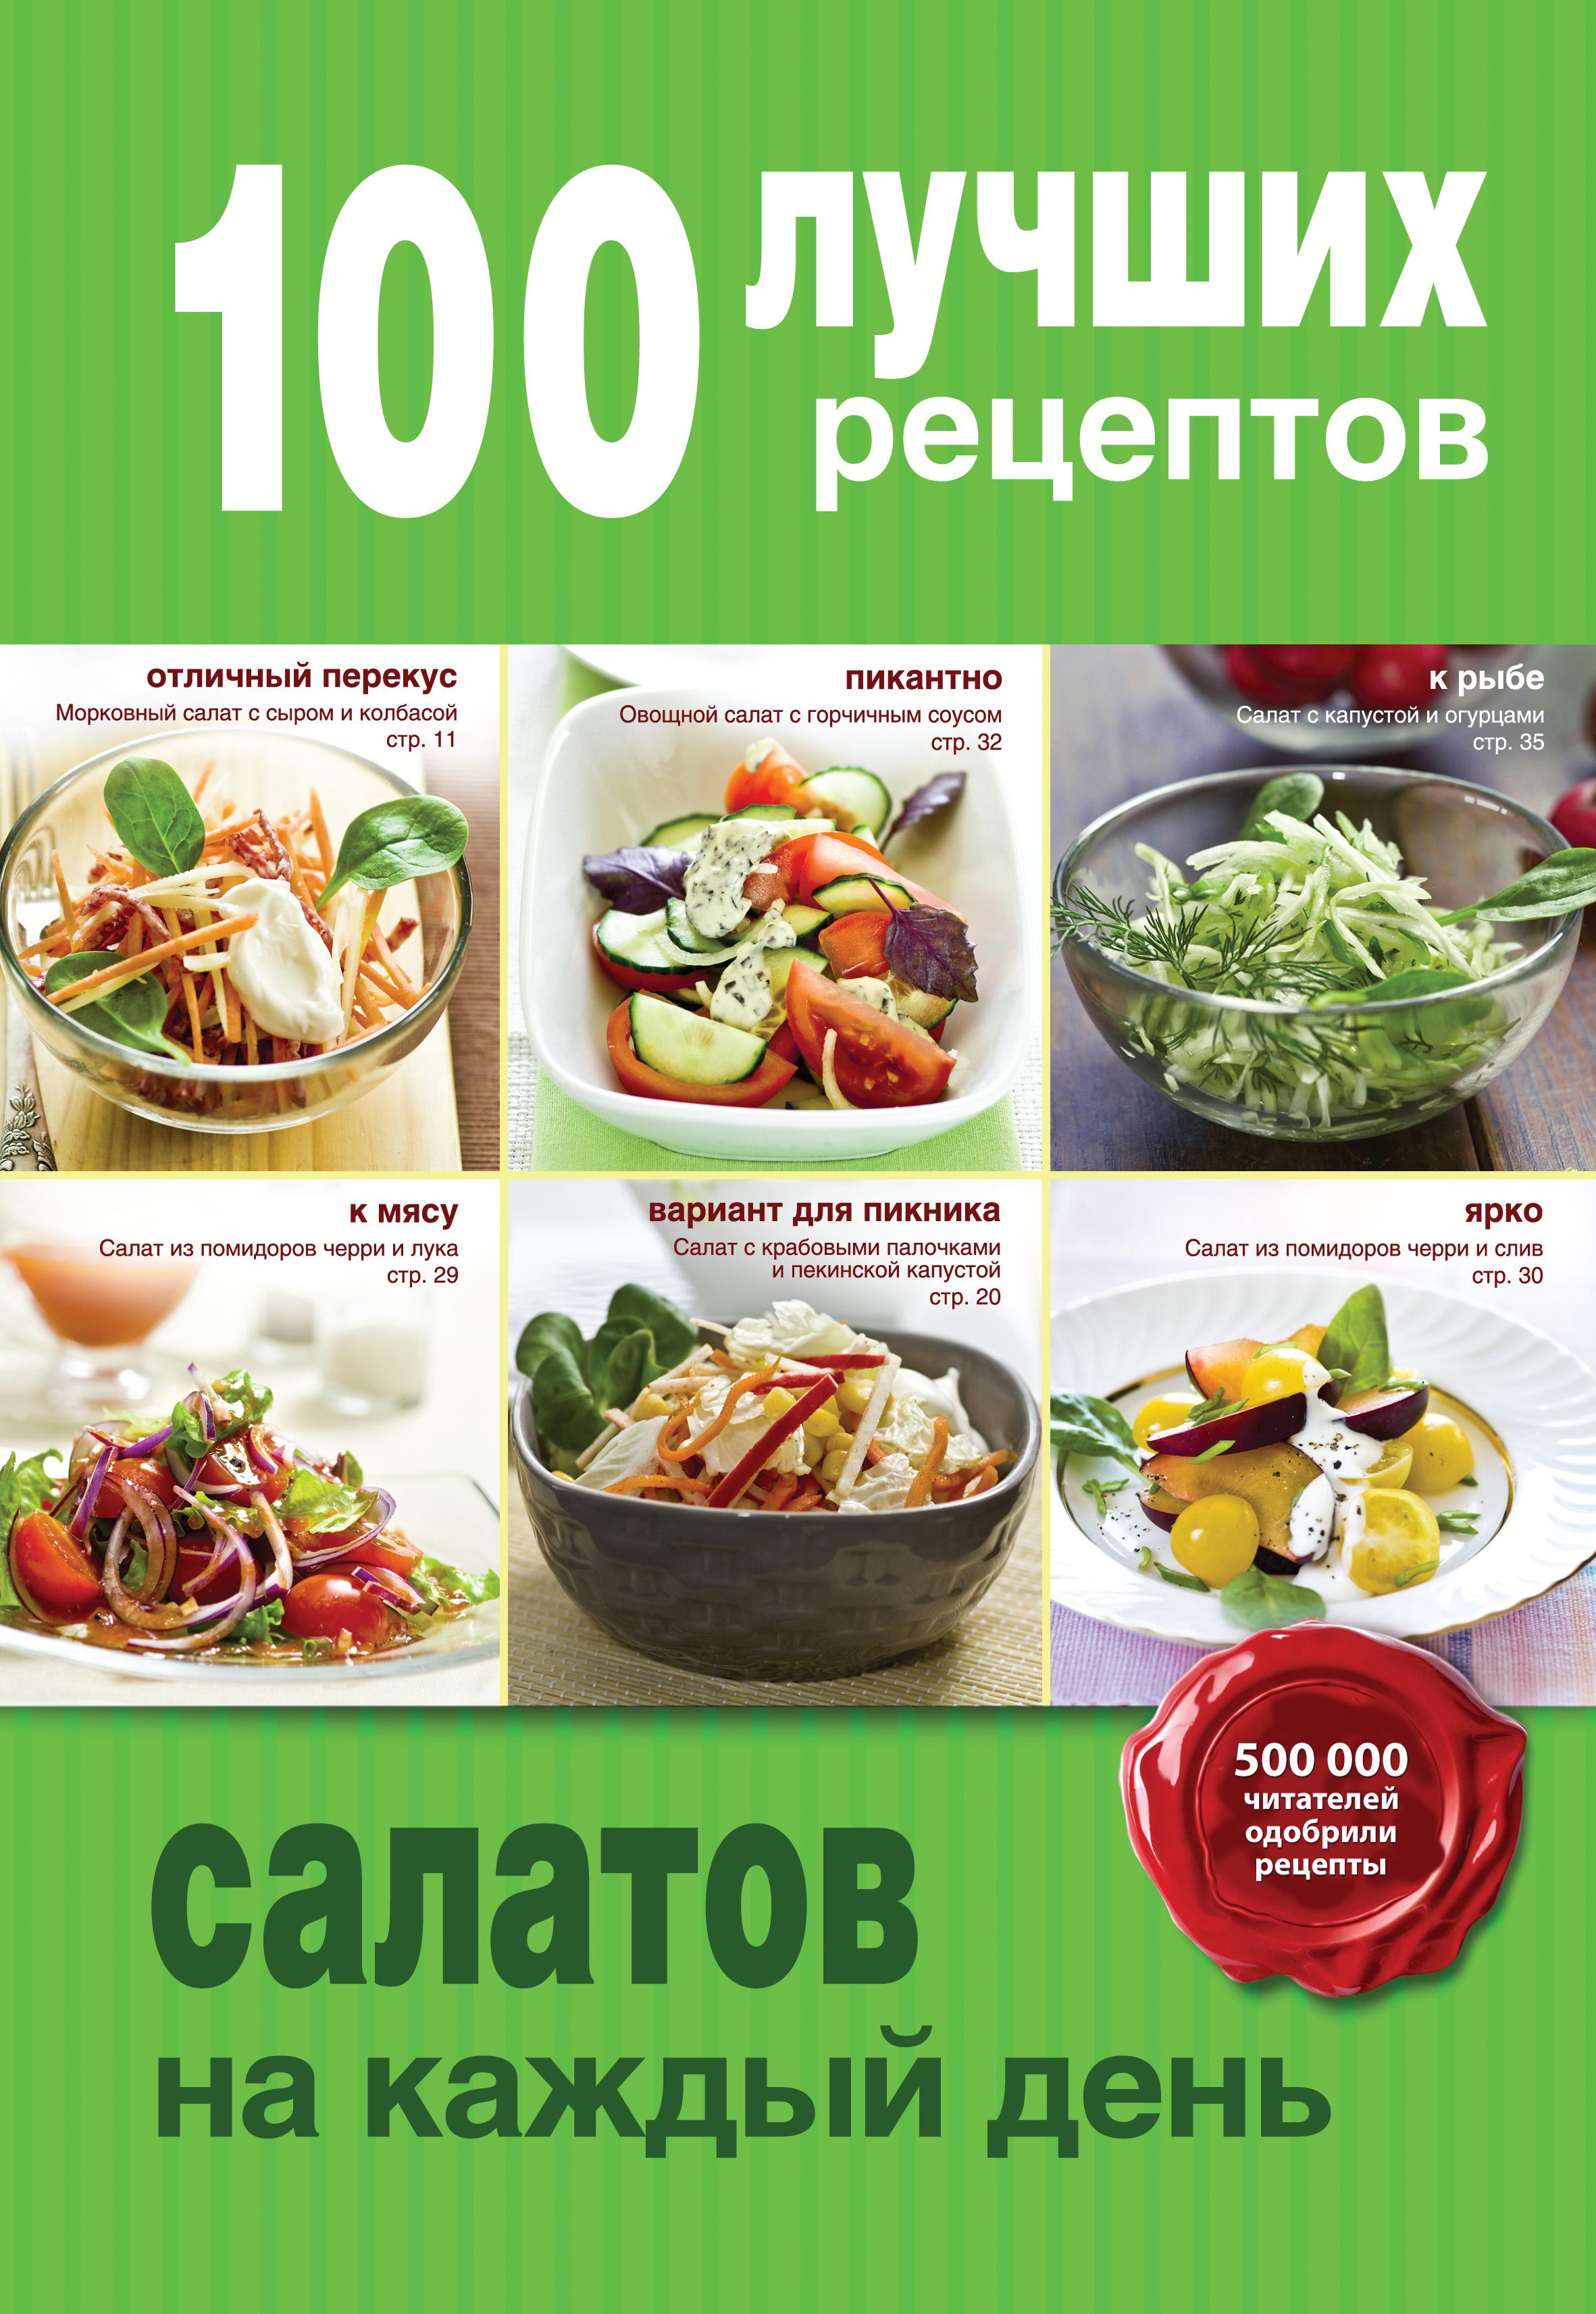 Отсутствует 100 лучших рецептов салатов на каждый день 100 лучших рецептов салатов и закусок к празднику и на каждый день